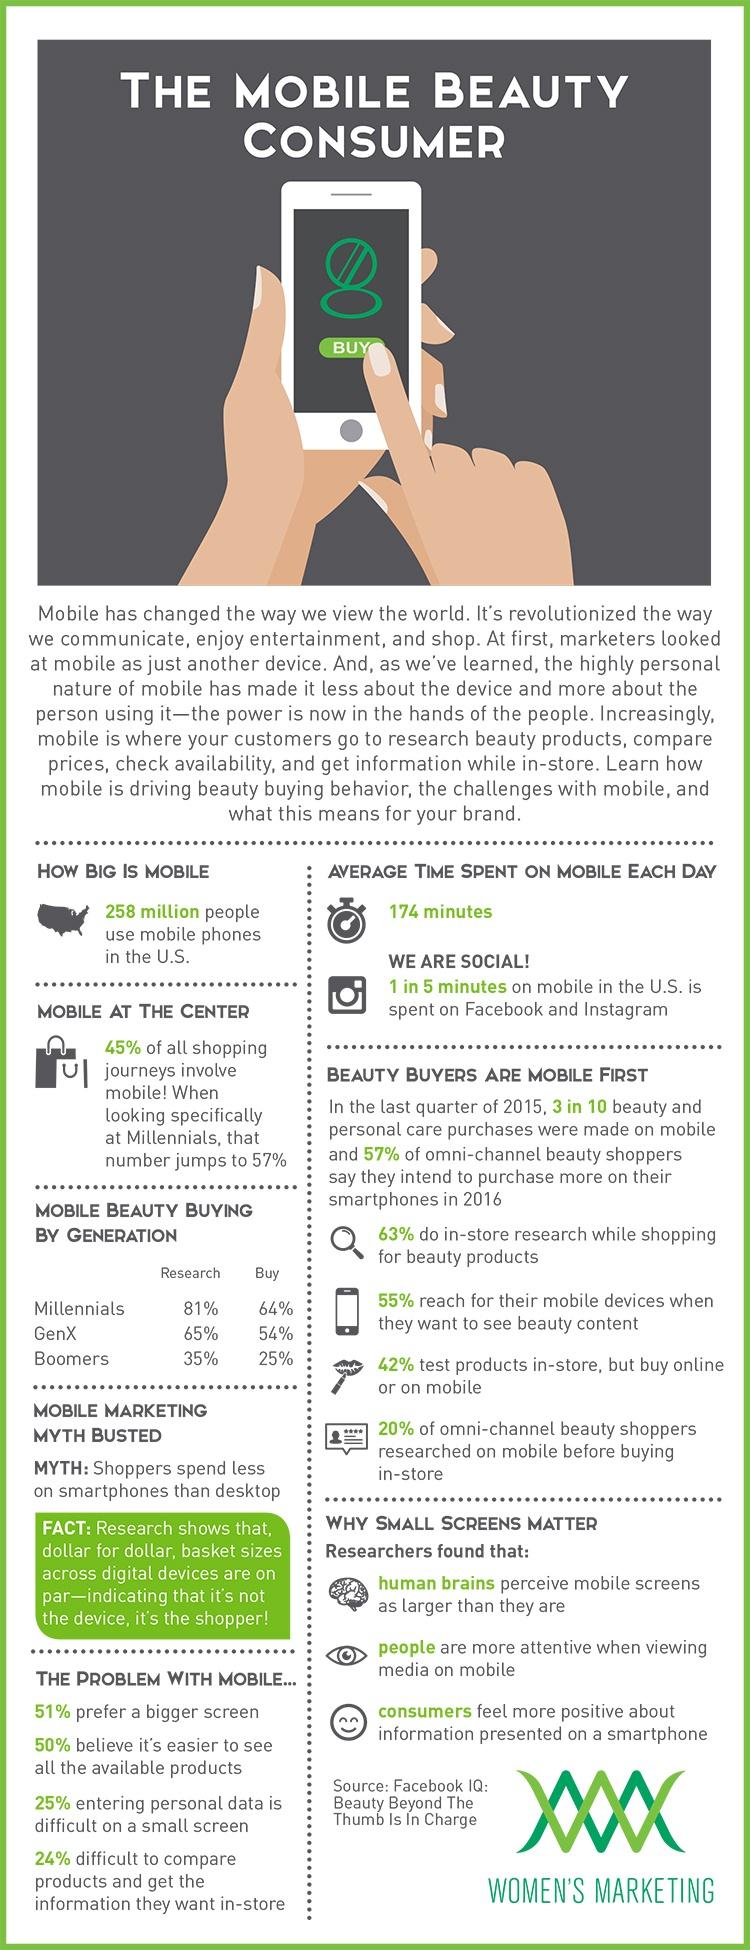 MobileBeautyConsumer_Infographic.jpg